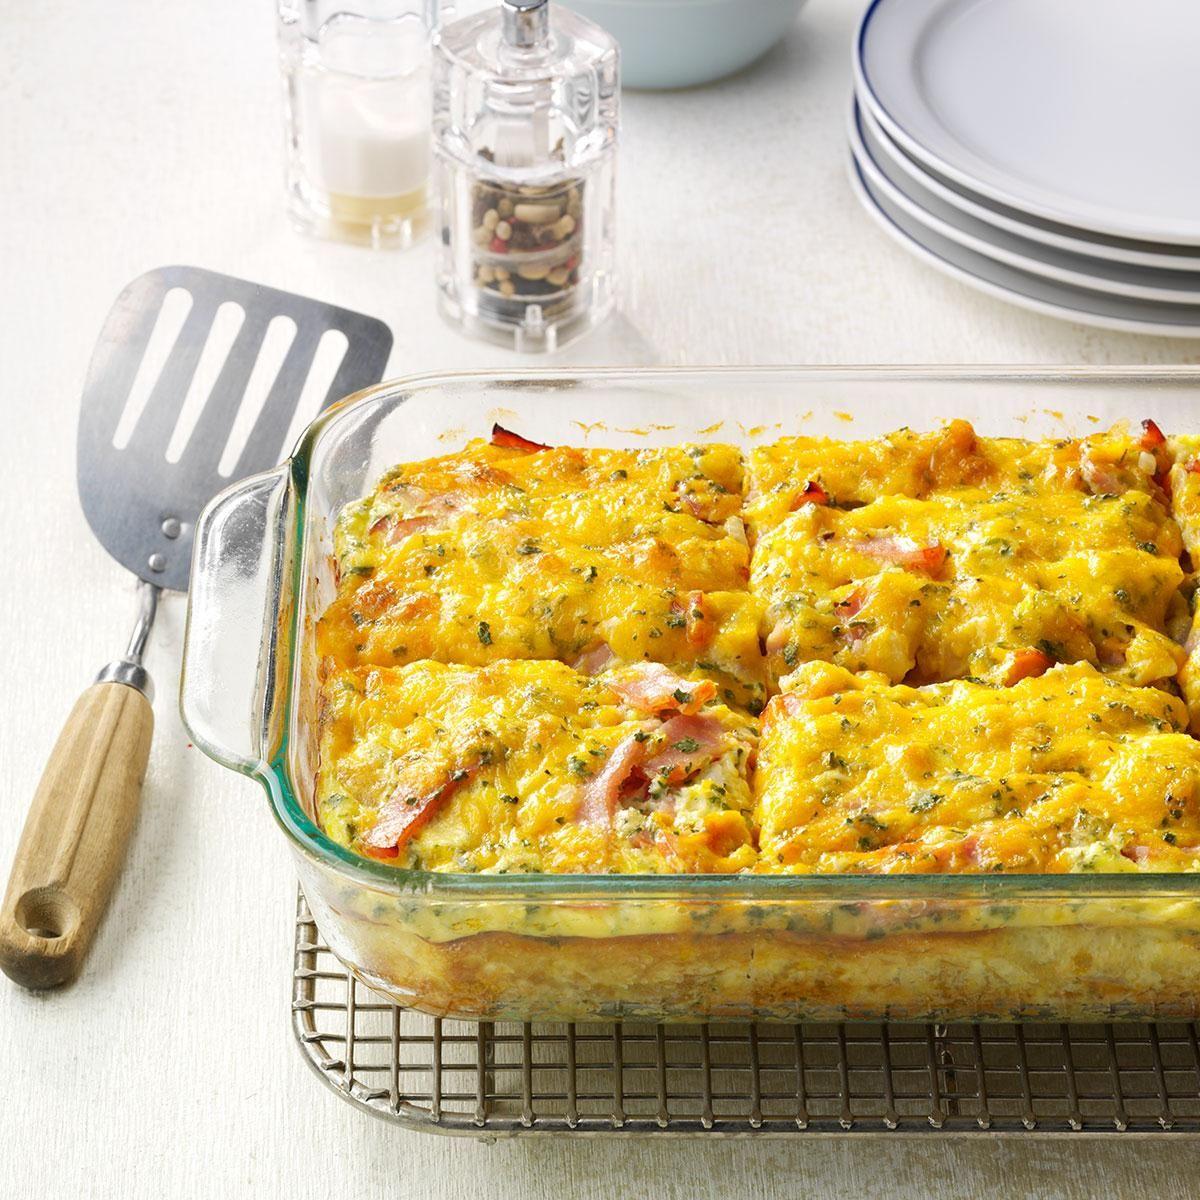 Loaded Breakfast Casserole: Loaded Tater Tot Bake